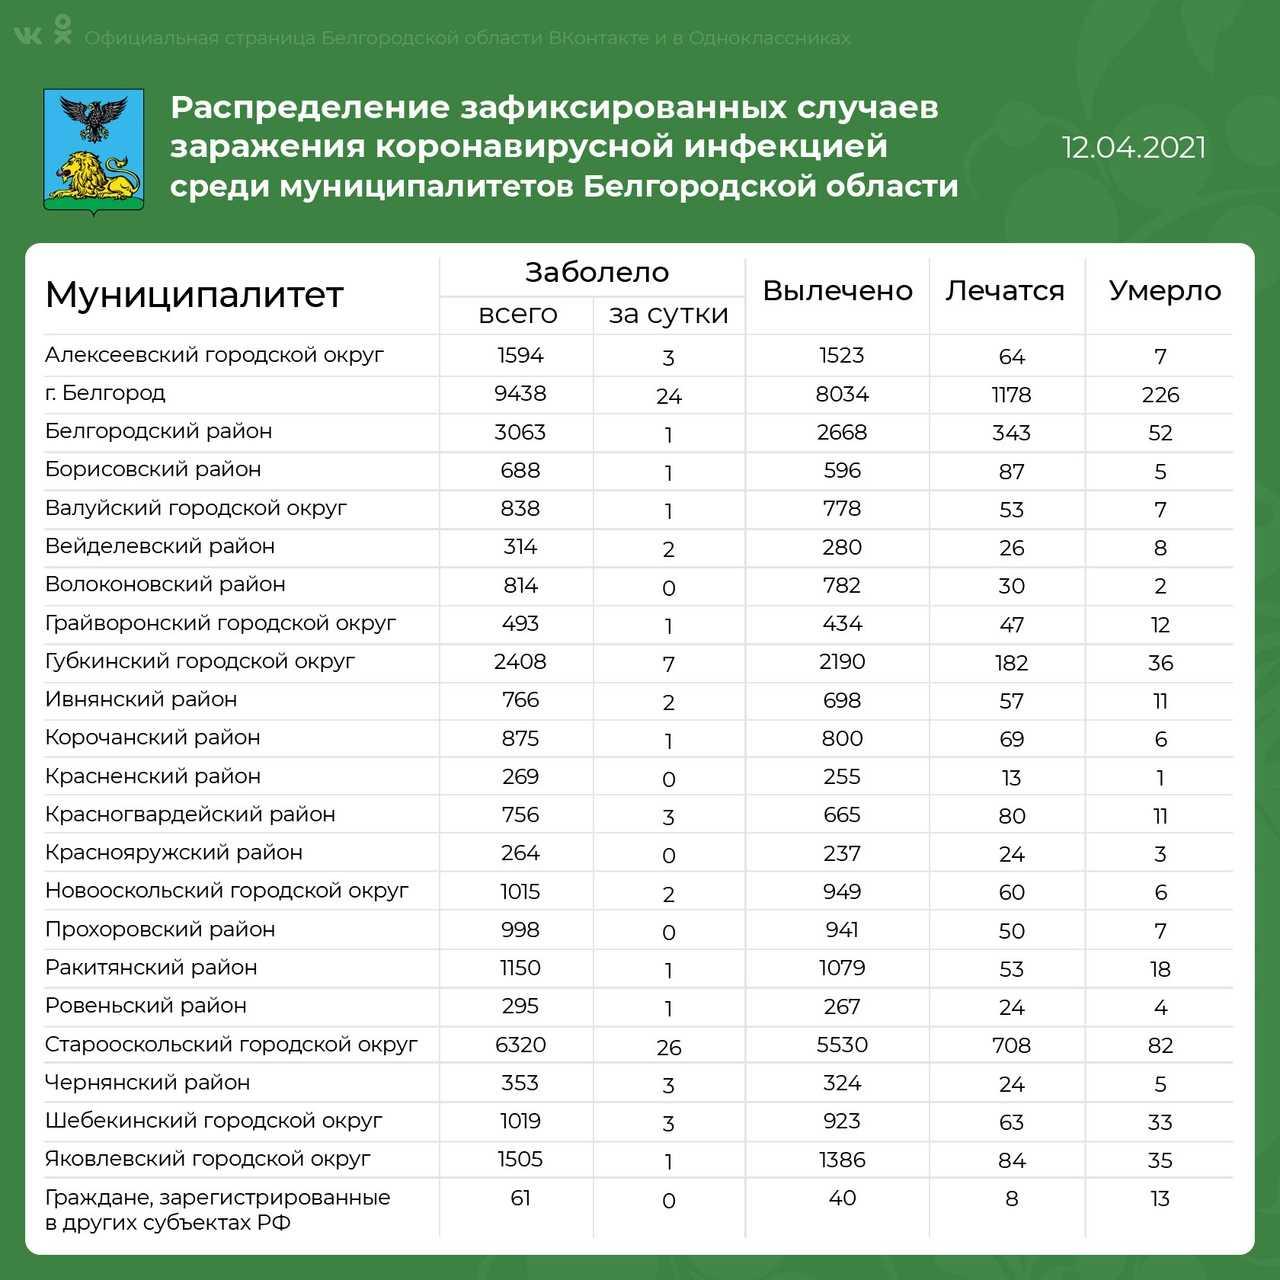 коронавирус в белгородской области на сегодня по районам